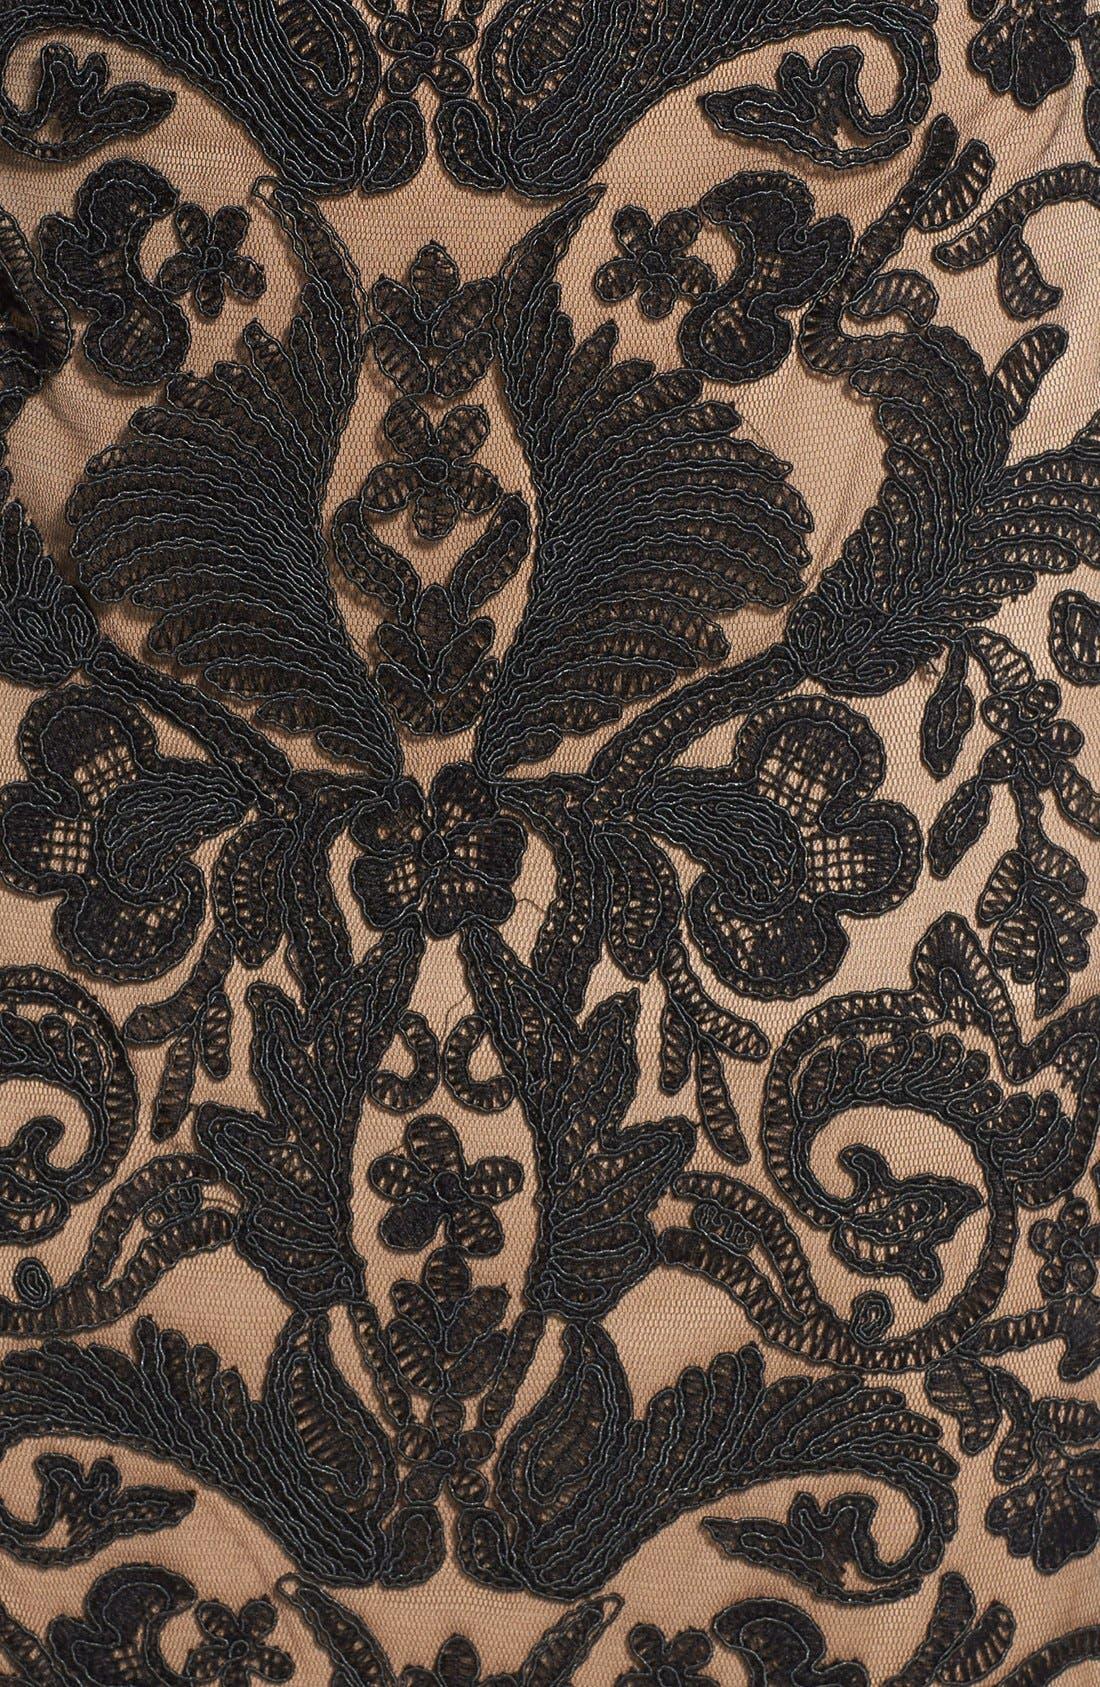 Illusion Yoke Lace Sheath Dress,                             Alternate thumbnail 25, color,